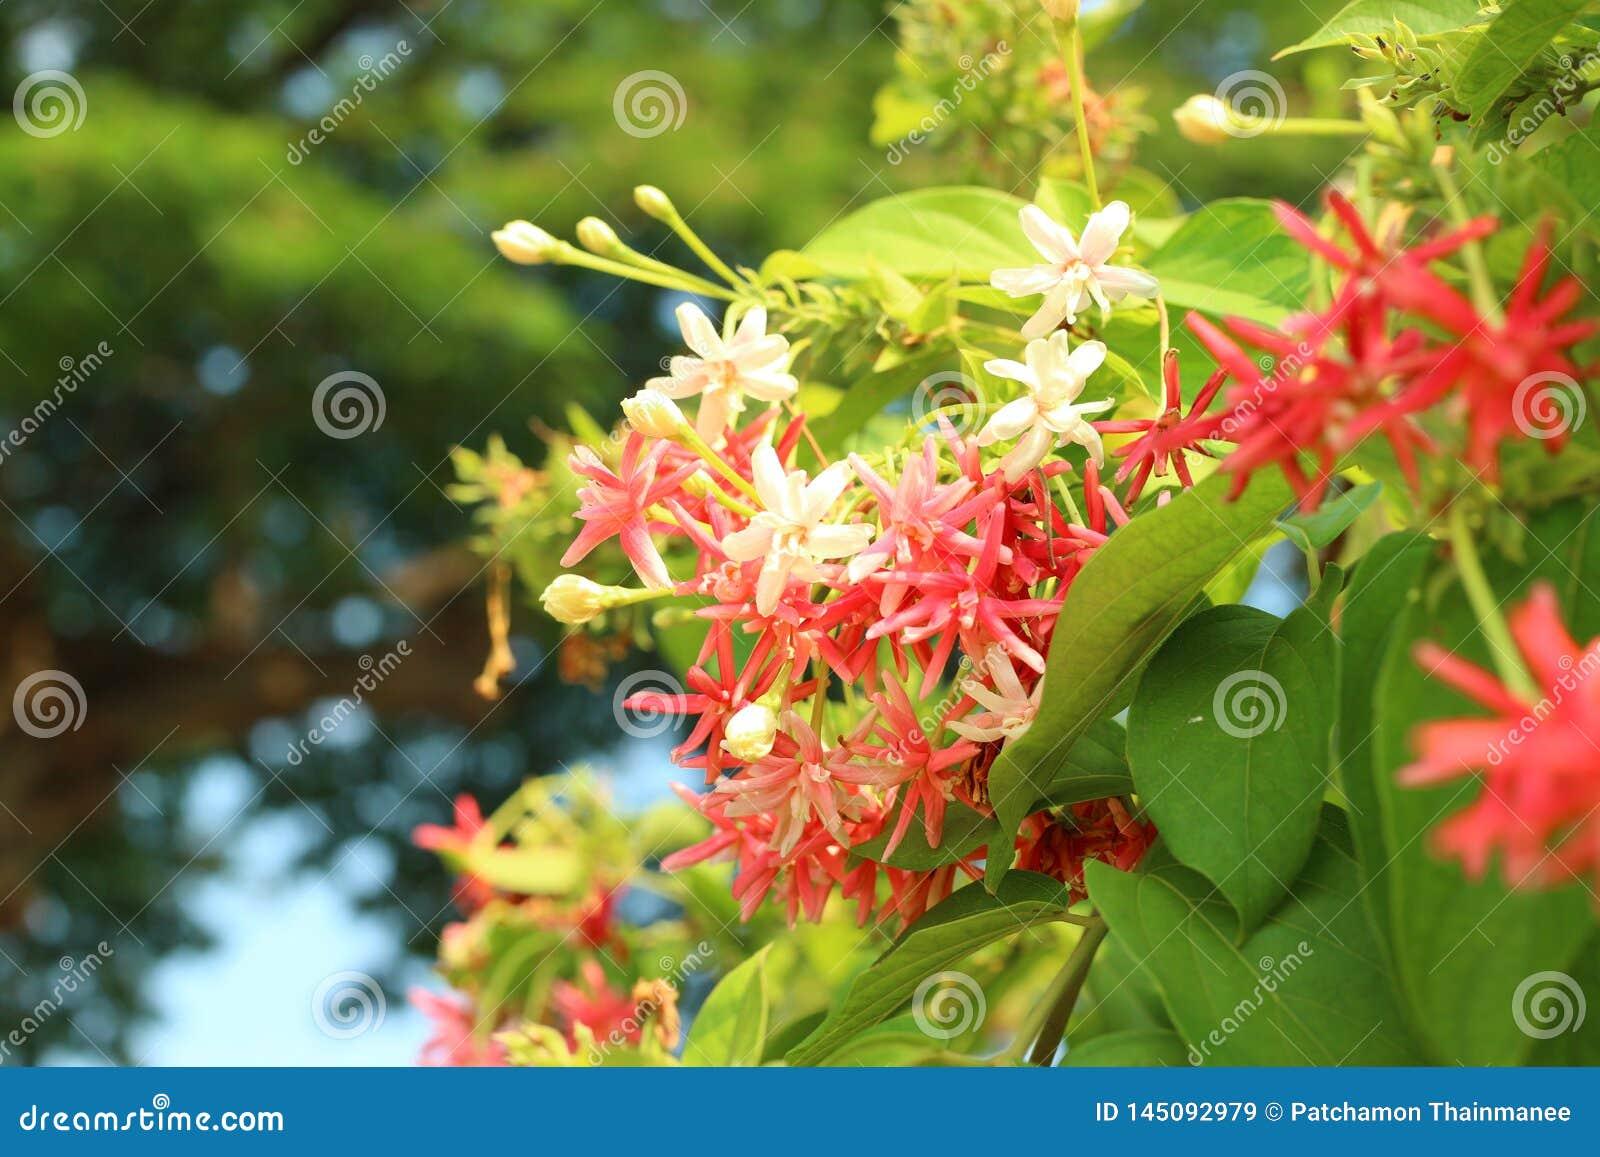 仰光花爬行物美好的桃红色自然背景有温和的芬芳